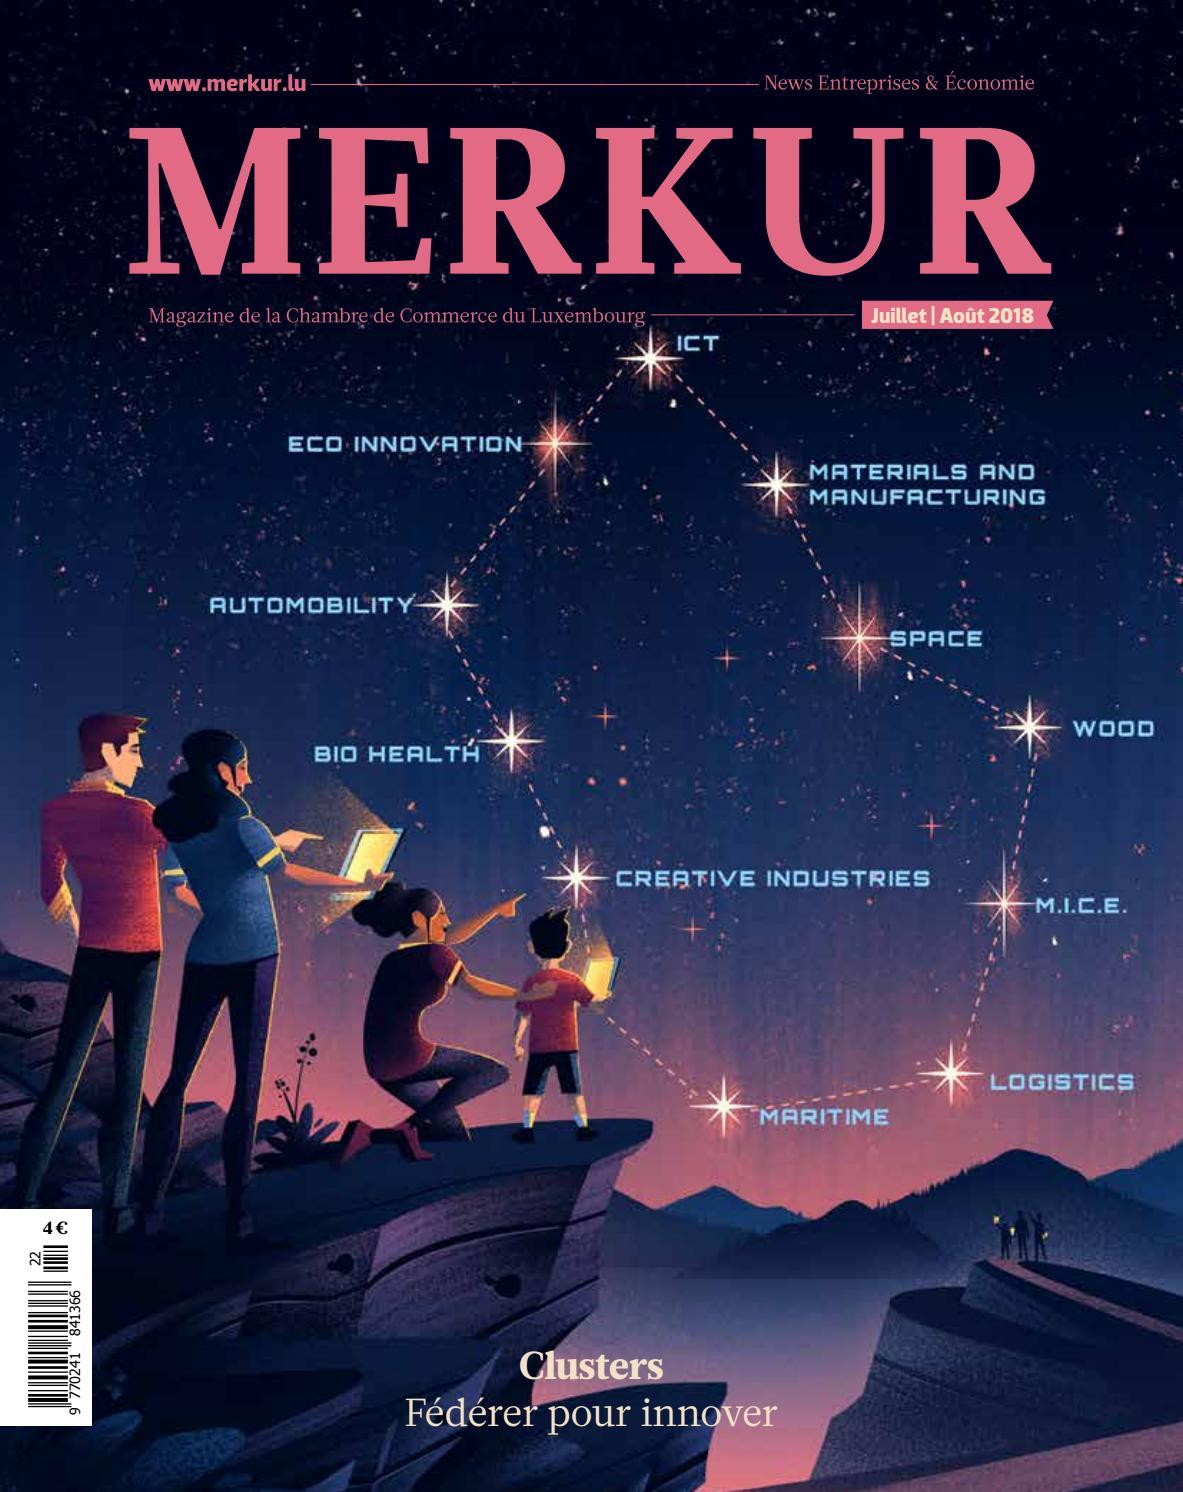 Merkur Juillet Août 2018 by Maison Moderne - issuu f2417a511323